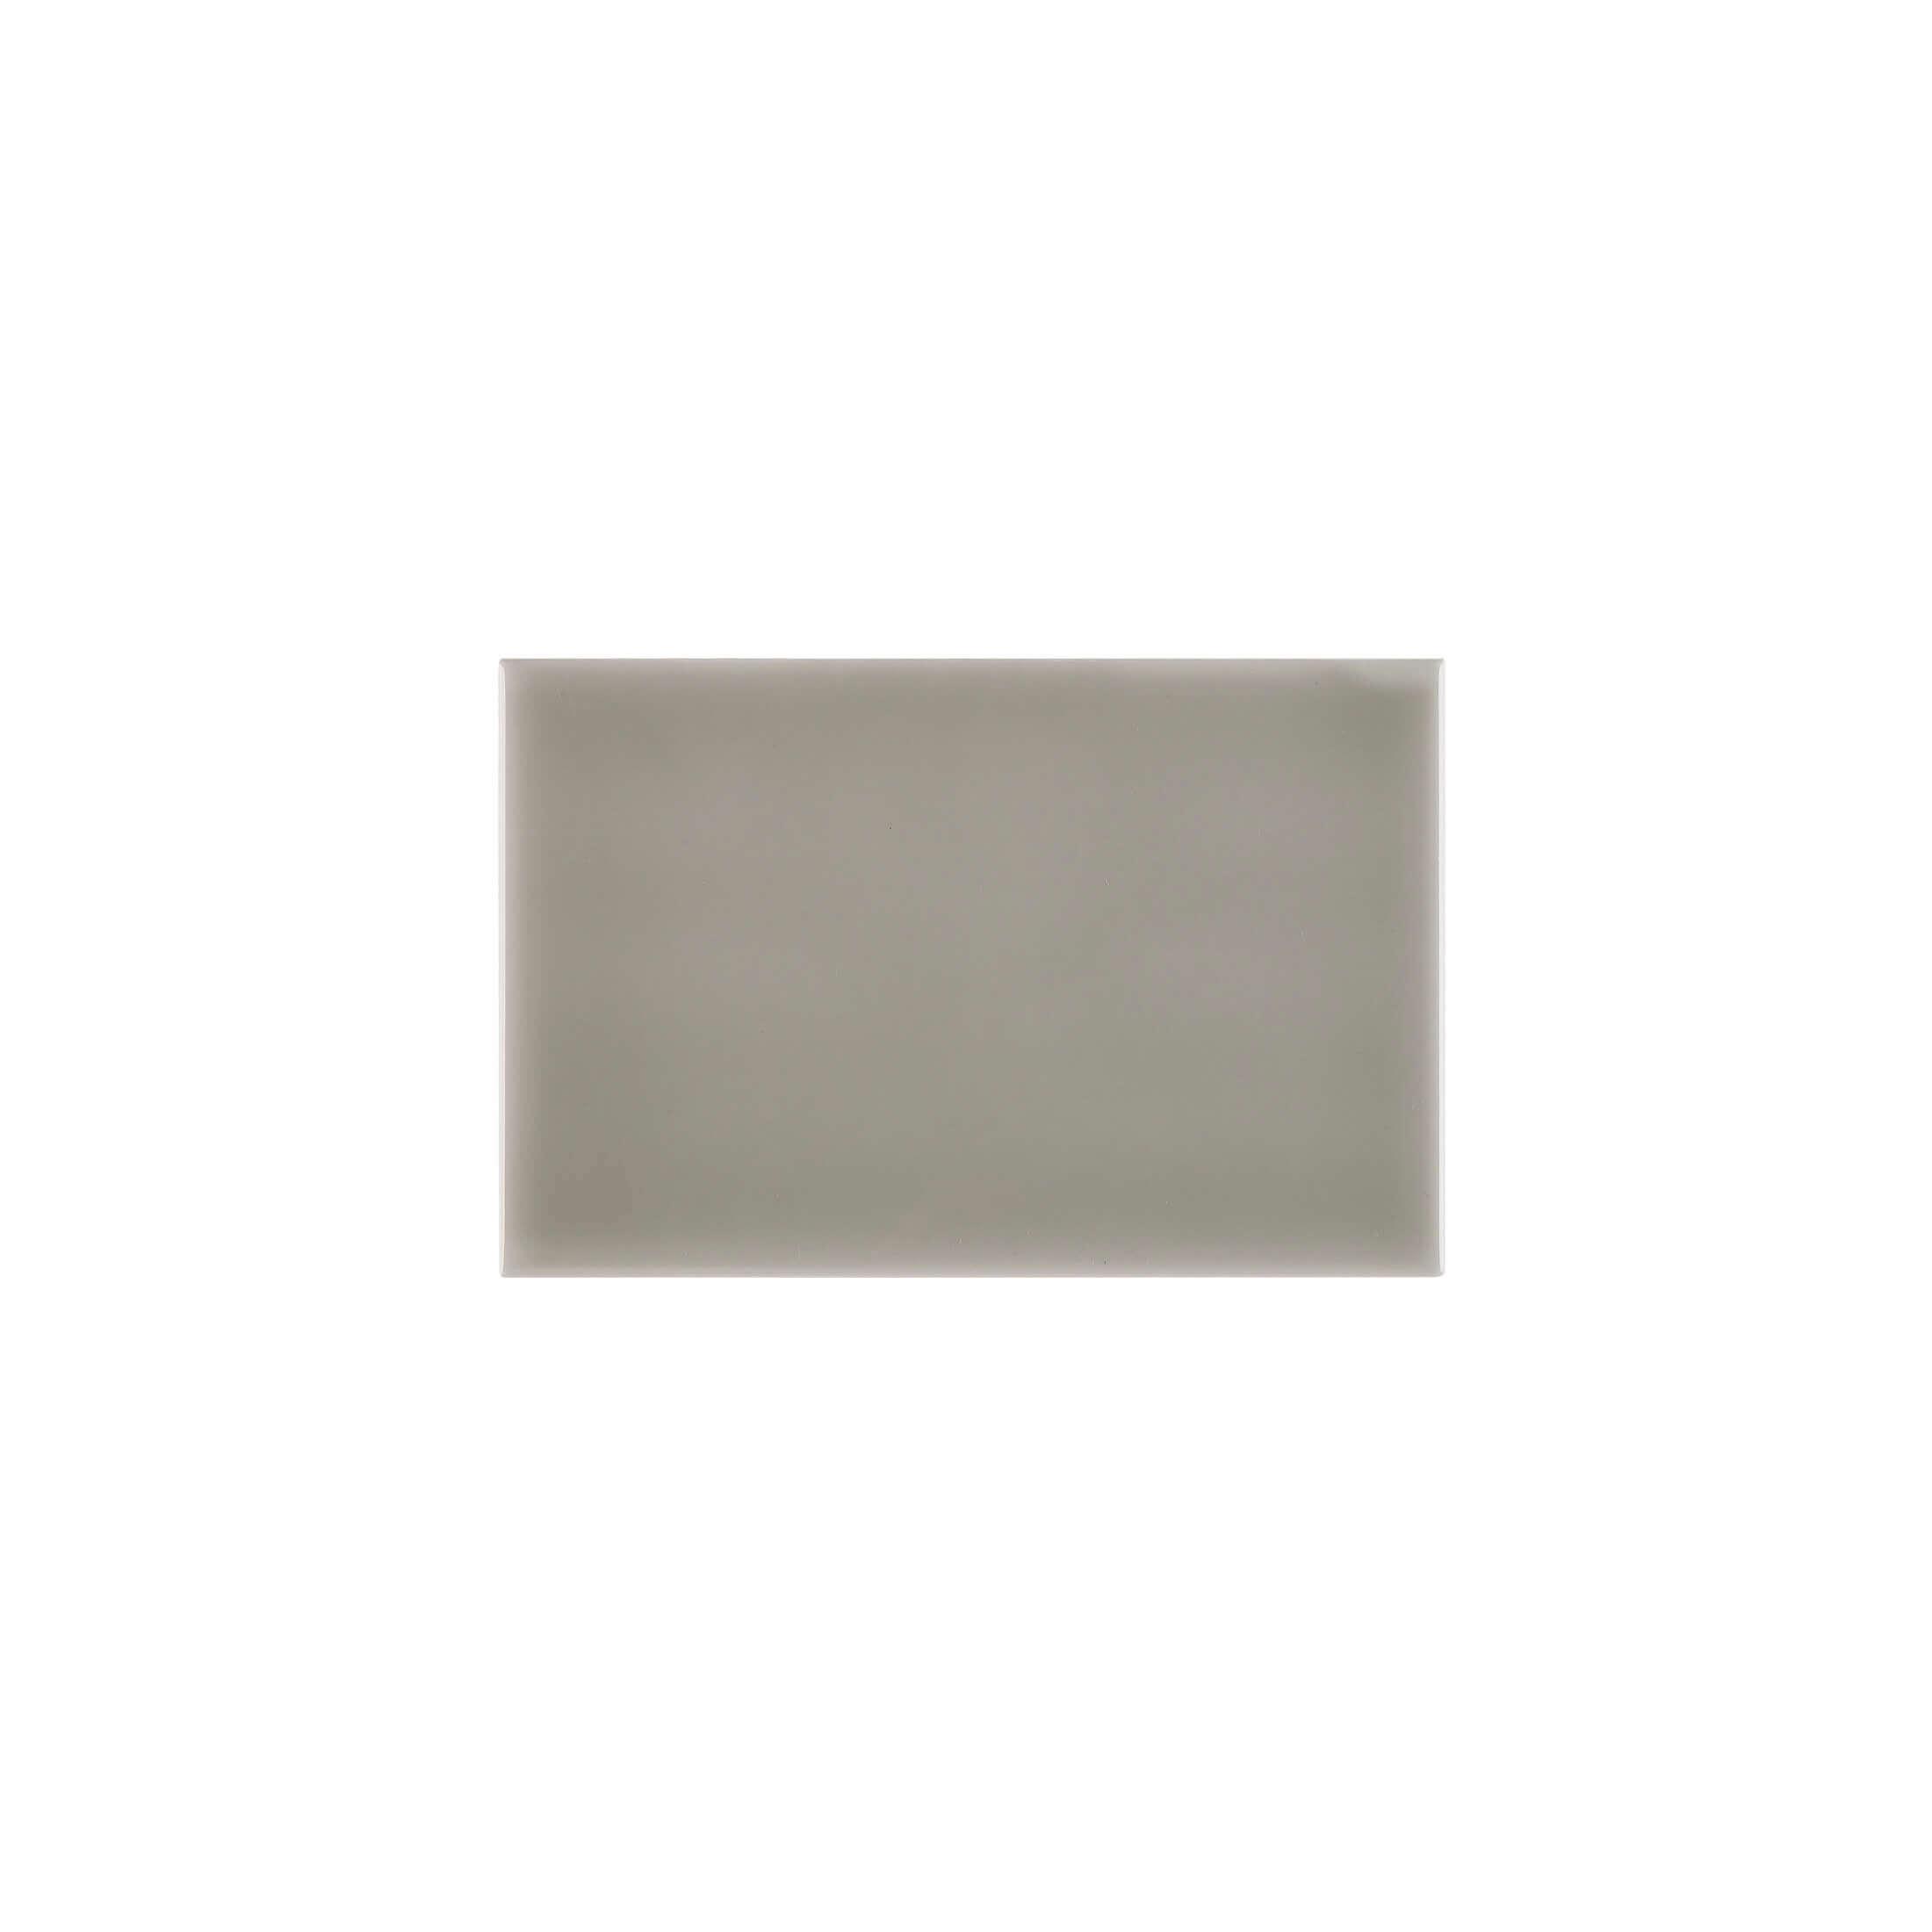 ADRI1009 - 10 cm X 15 cm